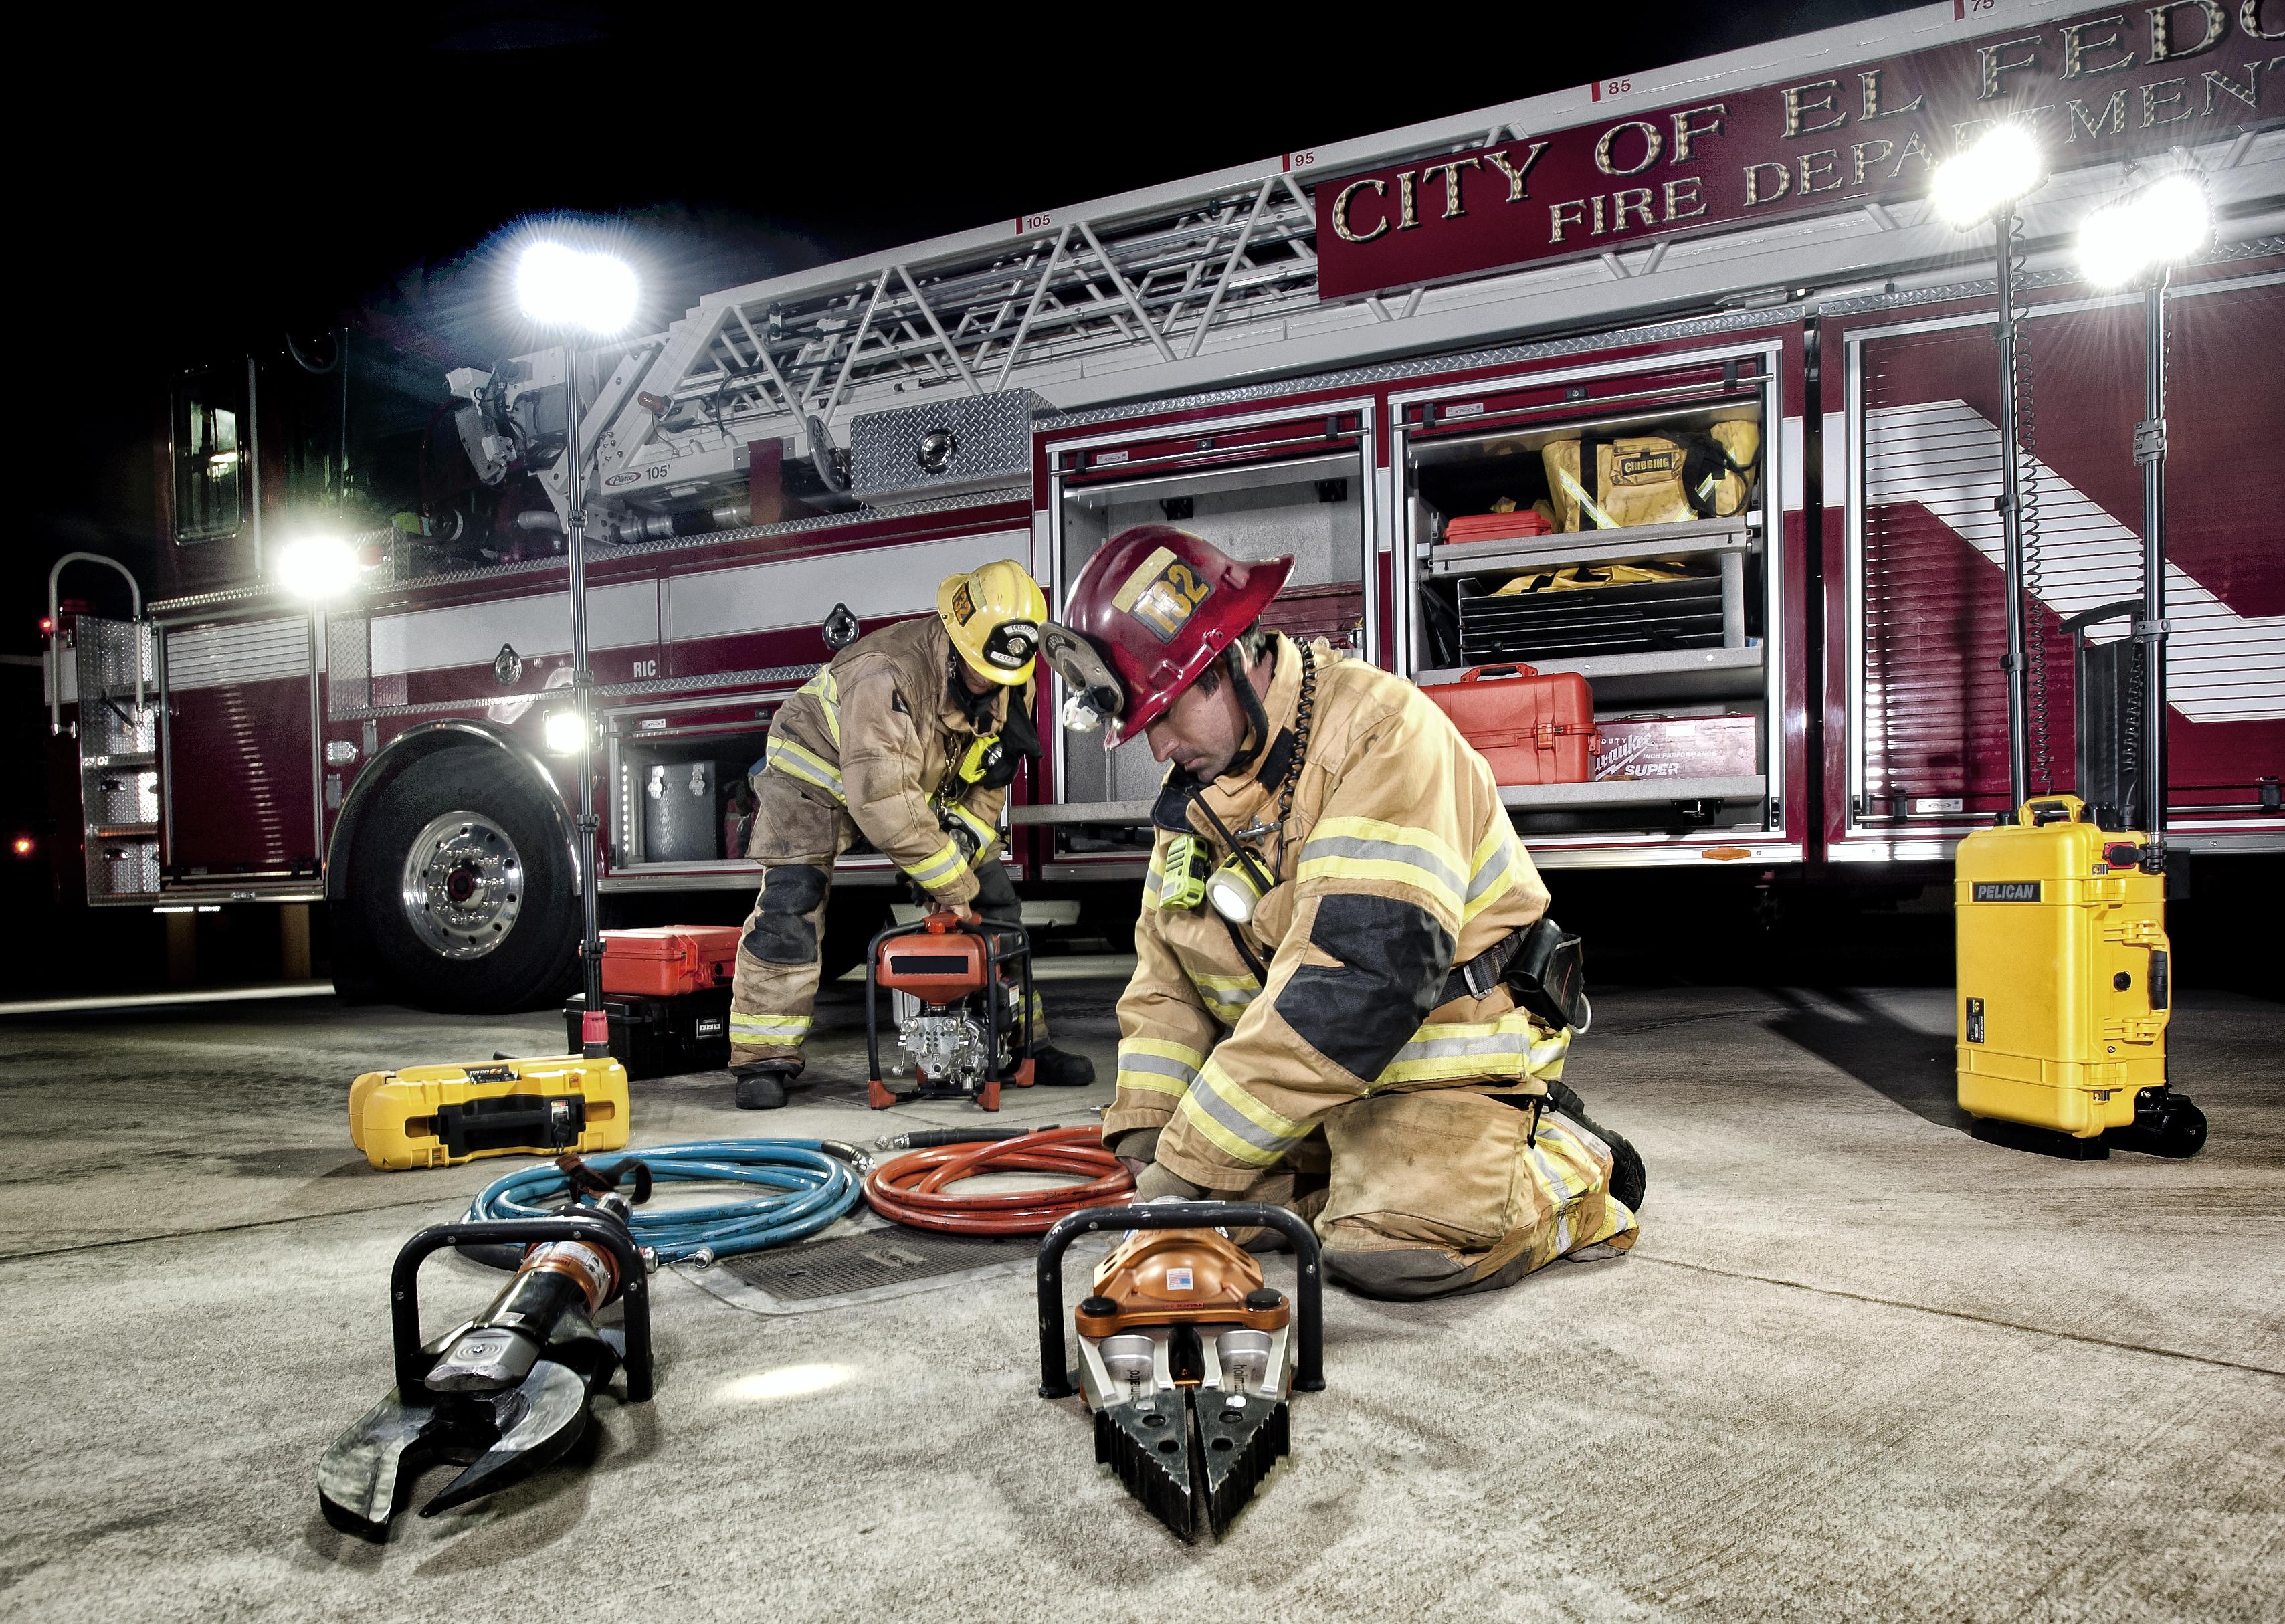 pelican 9490 9460m firefighter rals light